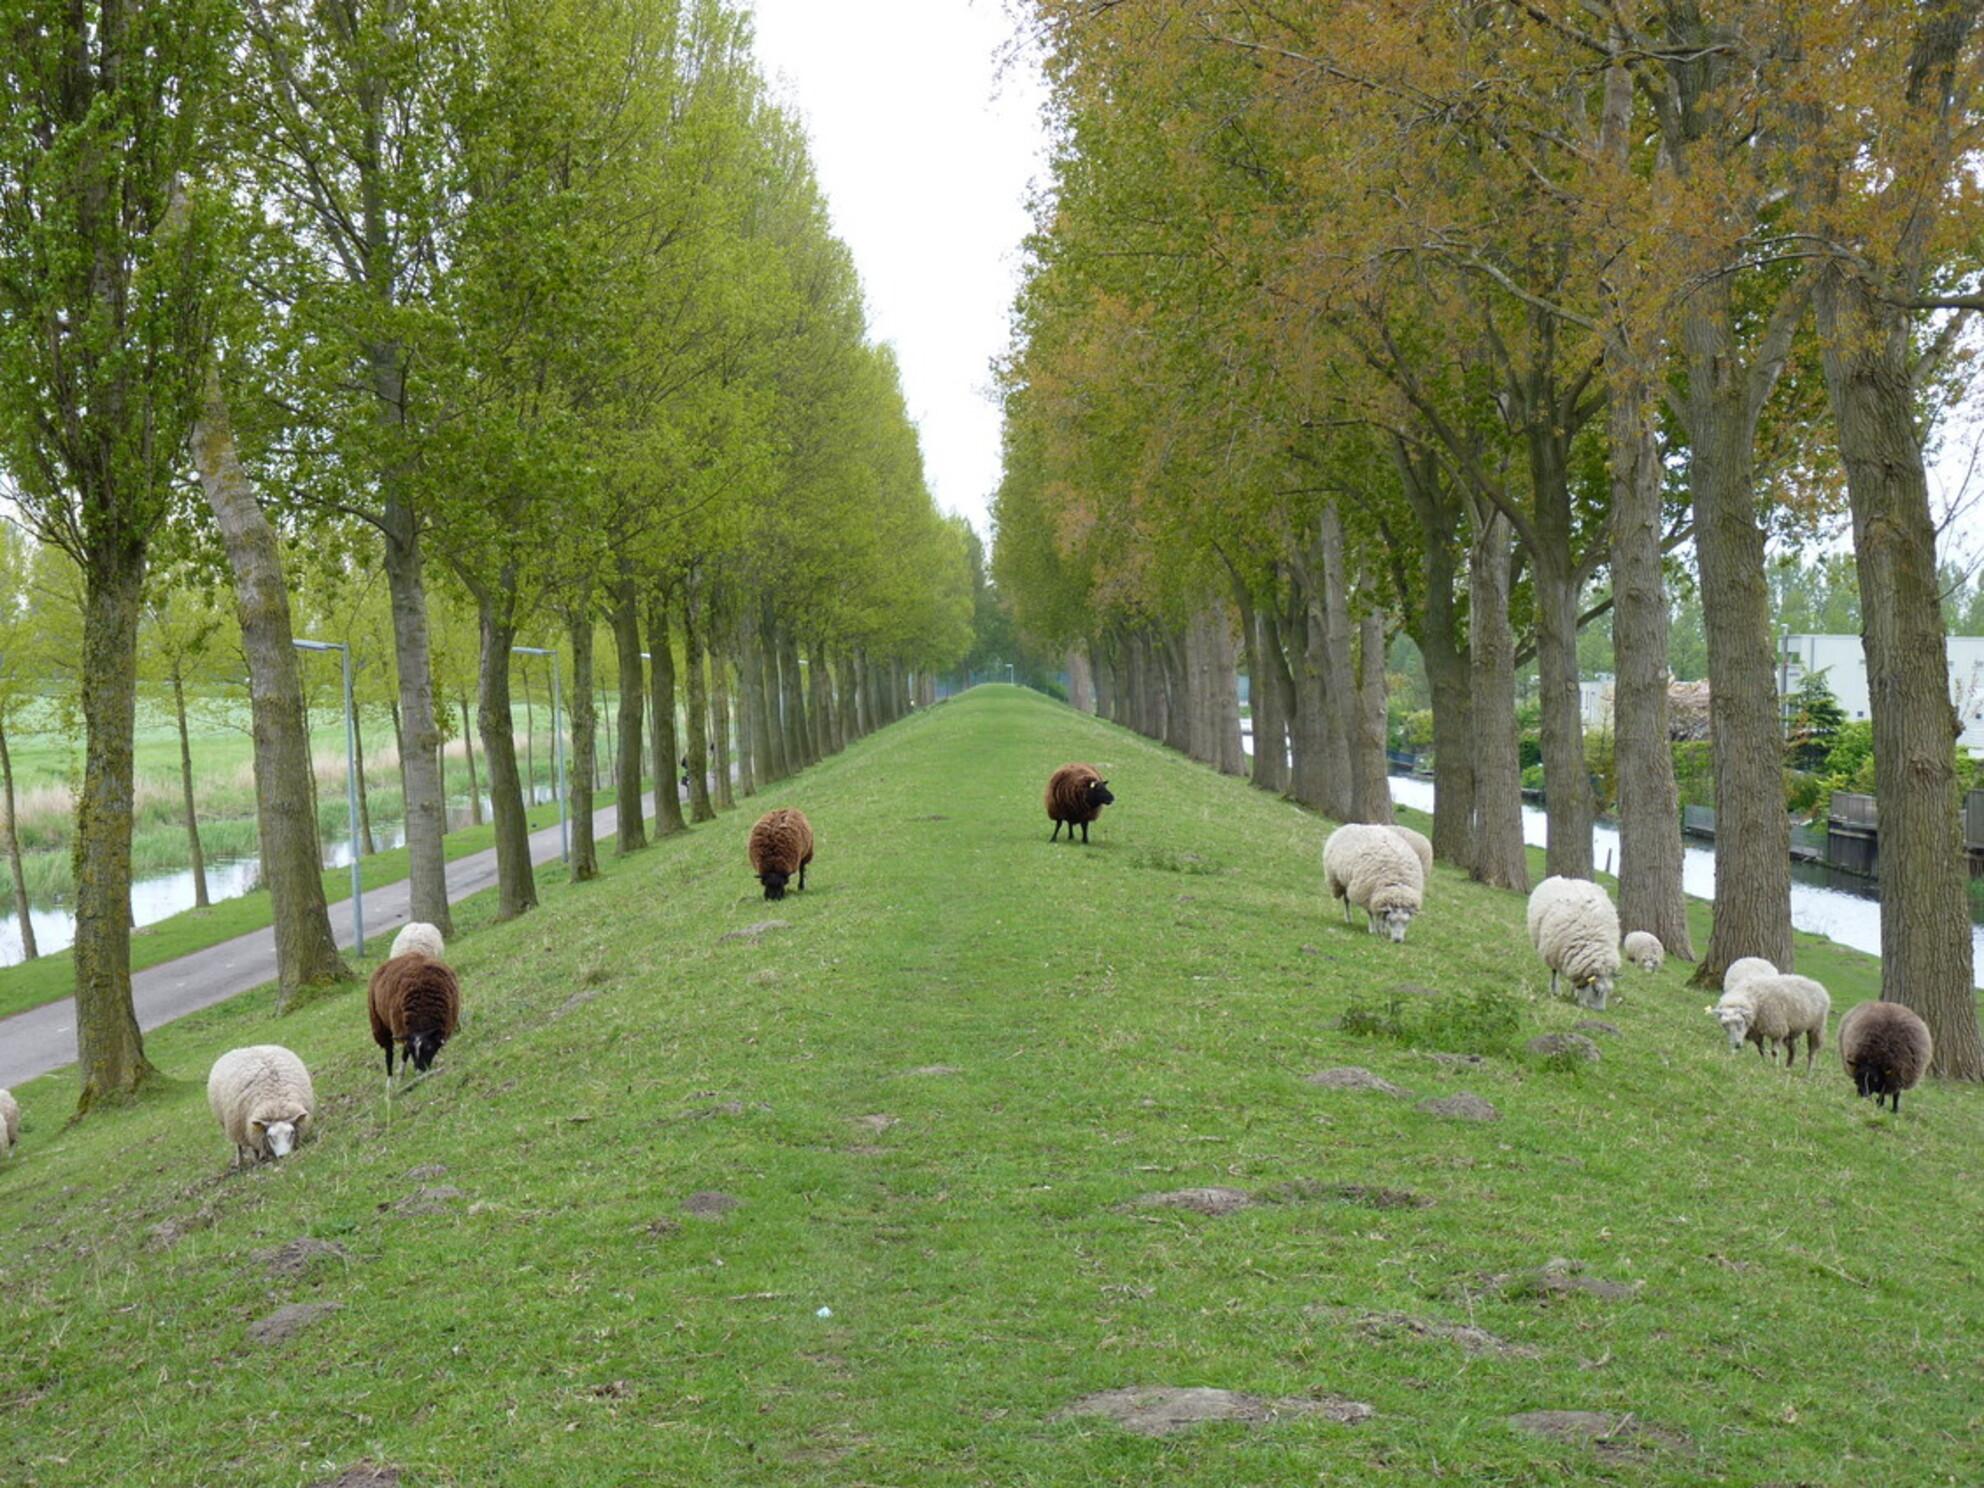 schapen staan weer buiten - schapen die worden weer het land op gelaten, en dan krijg je van dit soort foto's - foto door daan3 op 09-05-2010 - deze foto bevat: schapen - Deze foto mag gebruikt worden in een Zoom.nl publicatie